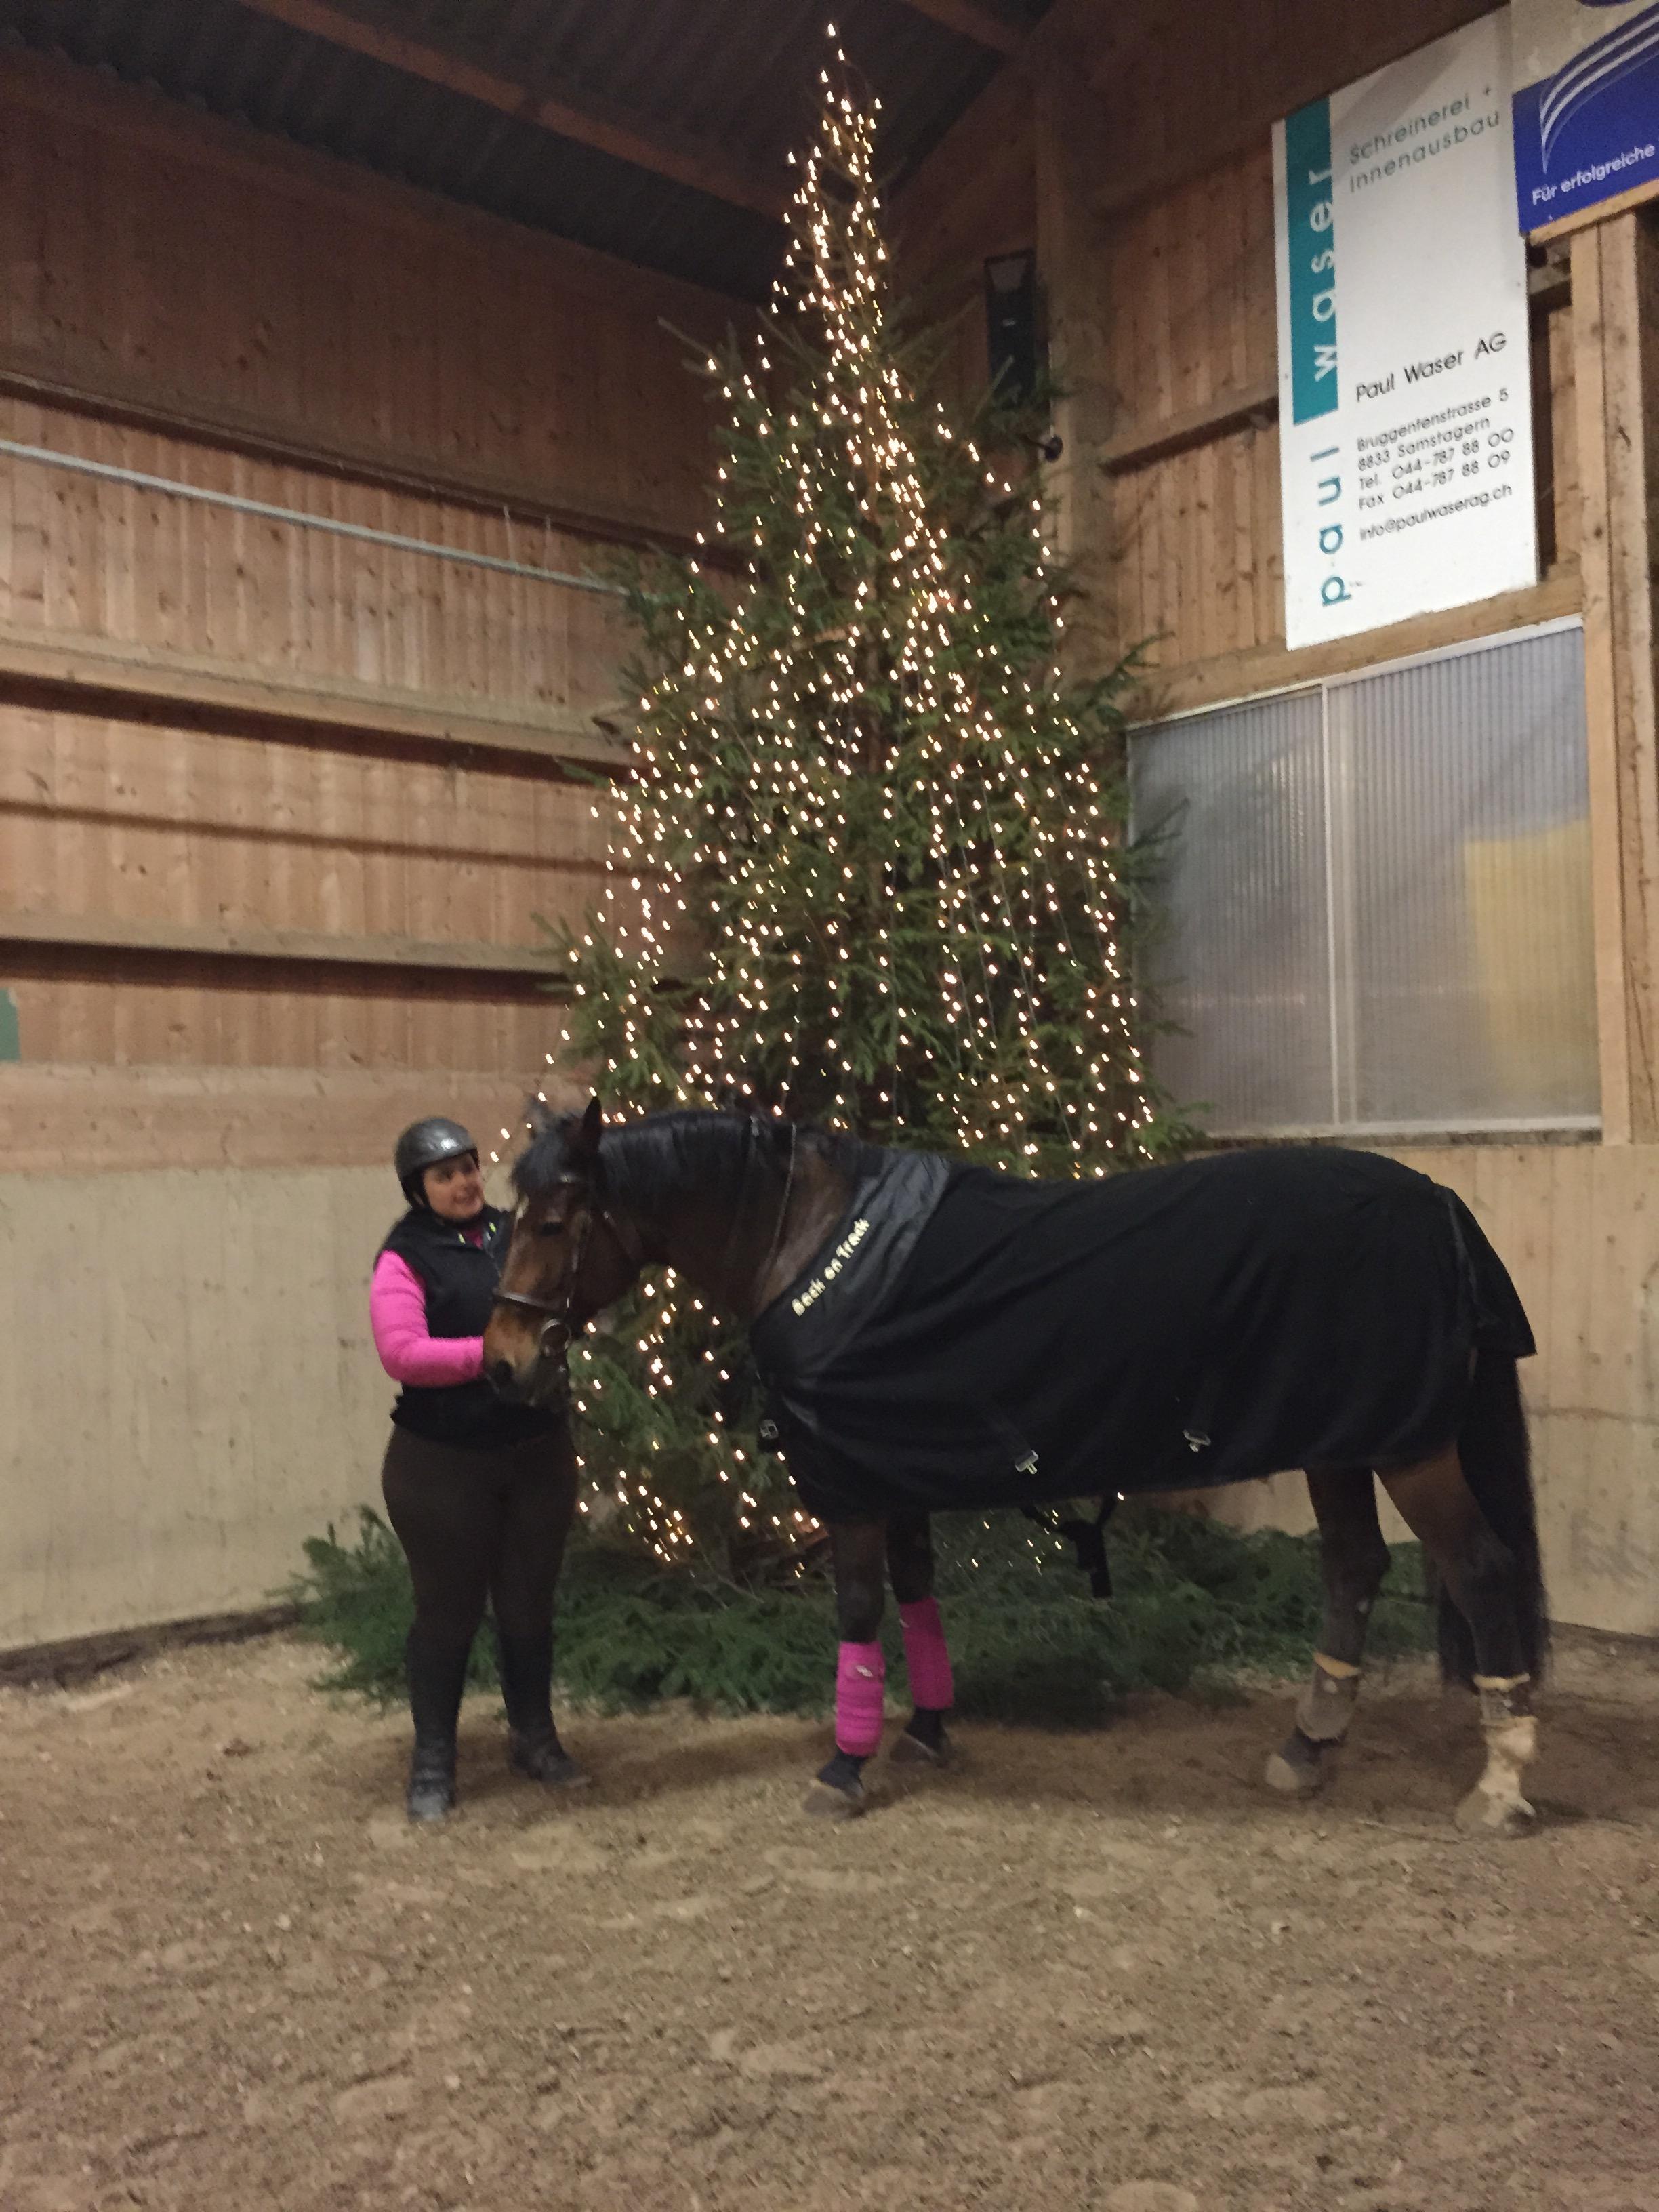 Reiterliche Weihnachtsgeschenke- Last Minute! | reitsport.ch -Blog ...